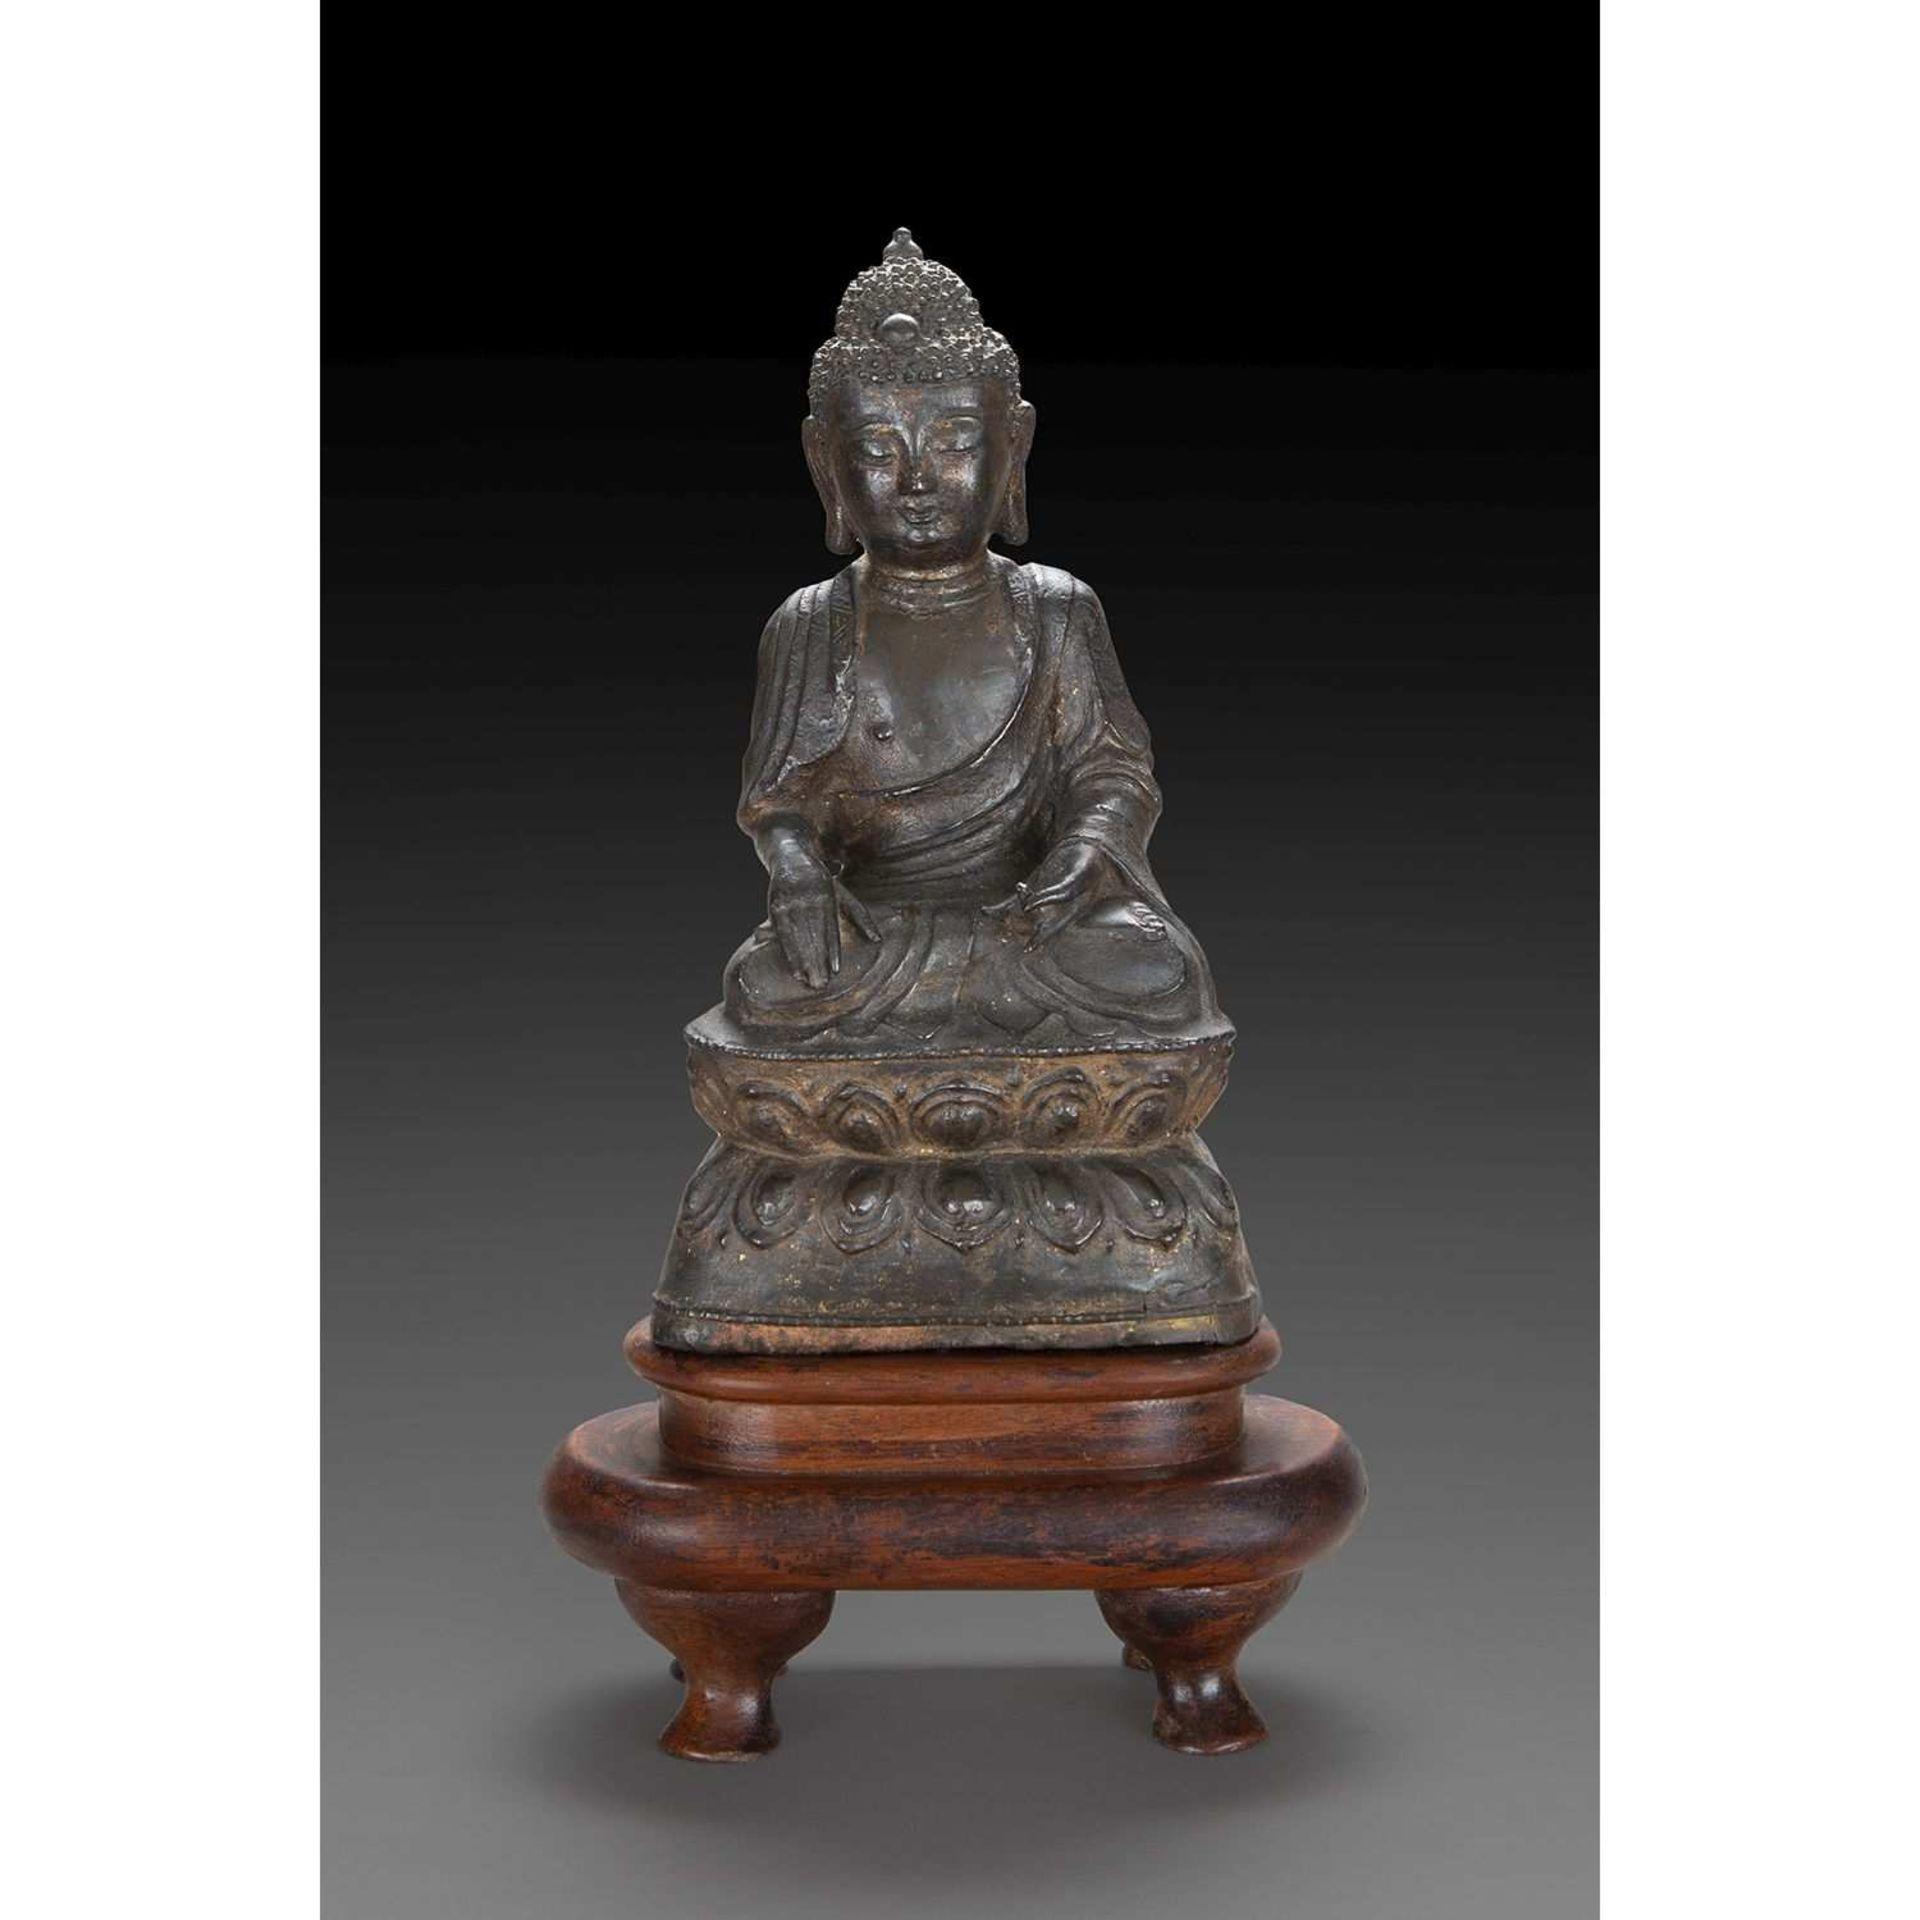 STATUETTE DE BOUDDHA SHAKYAMUNI en bronze de patine sombre comportant des traces de laque dorée,